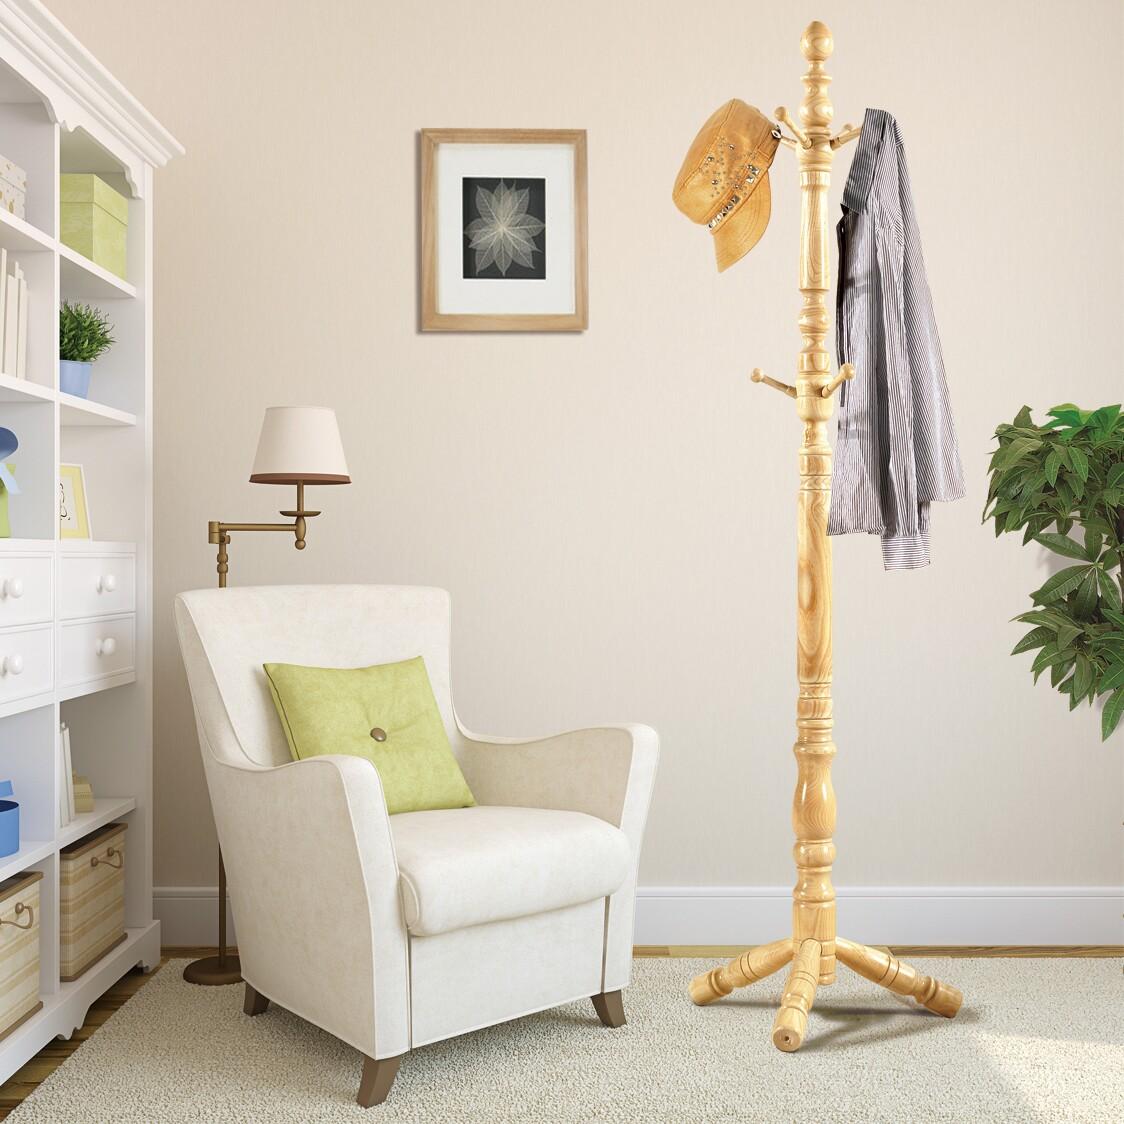 创意实木衣帽架落地简易欧式晾挂衣架卧室现代双杆